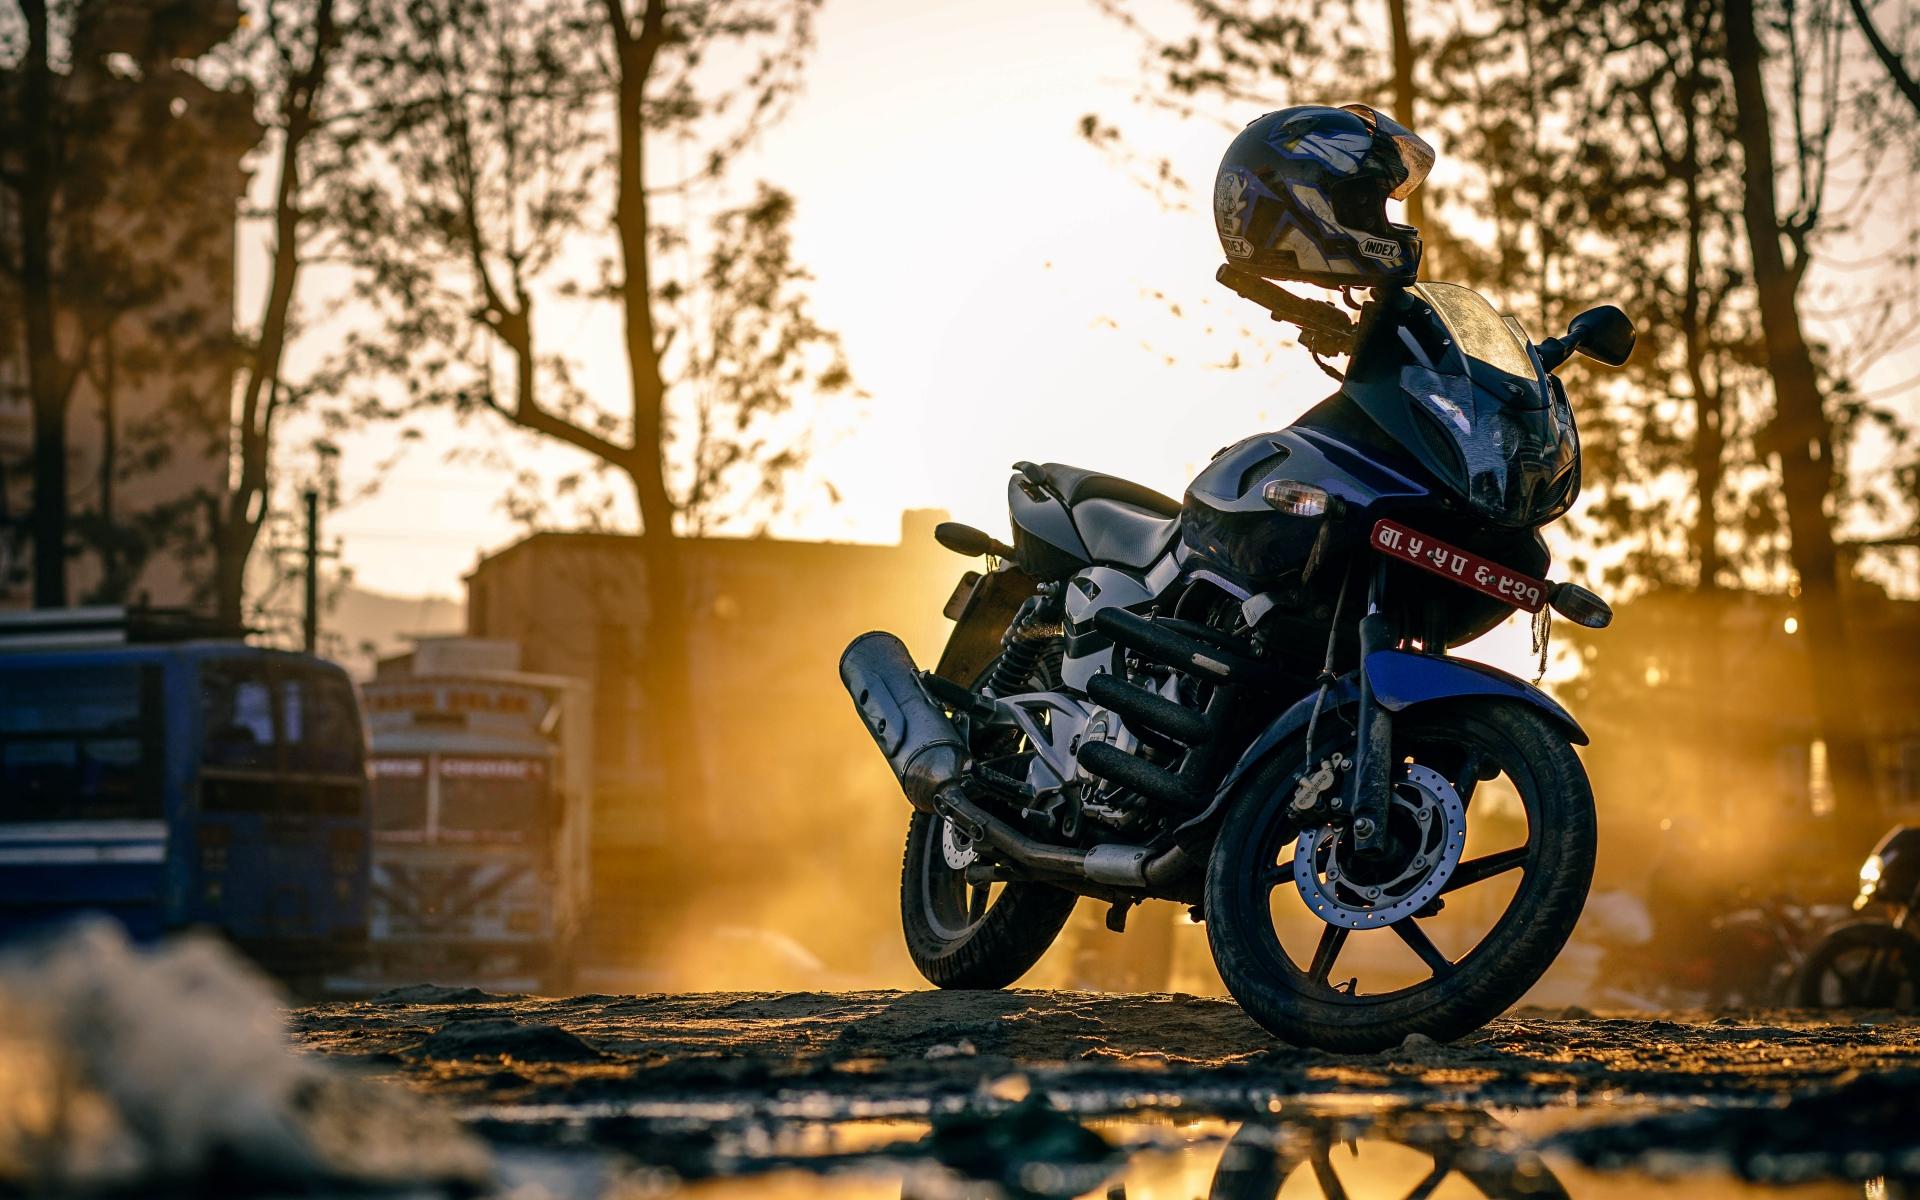 Картинки Мотоцикл, шлем, улица фото и обои на рабочий стол